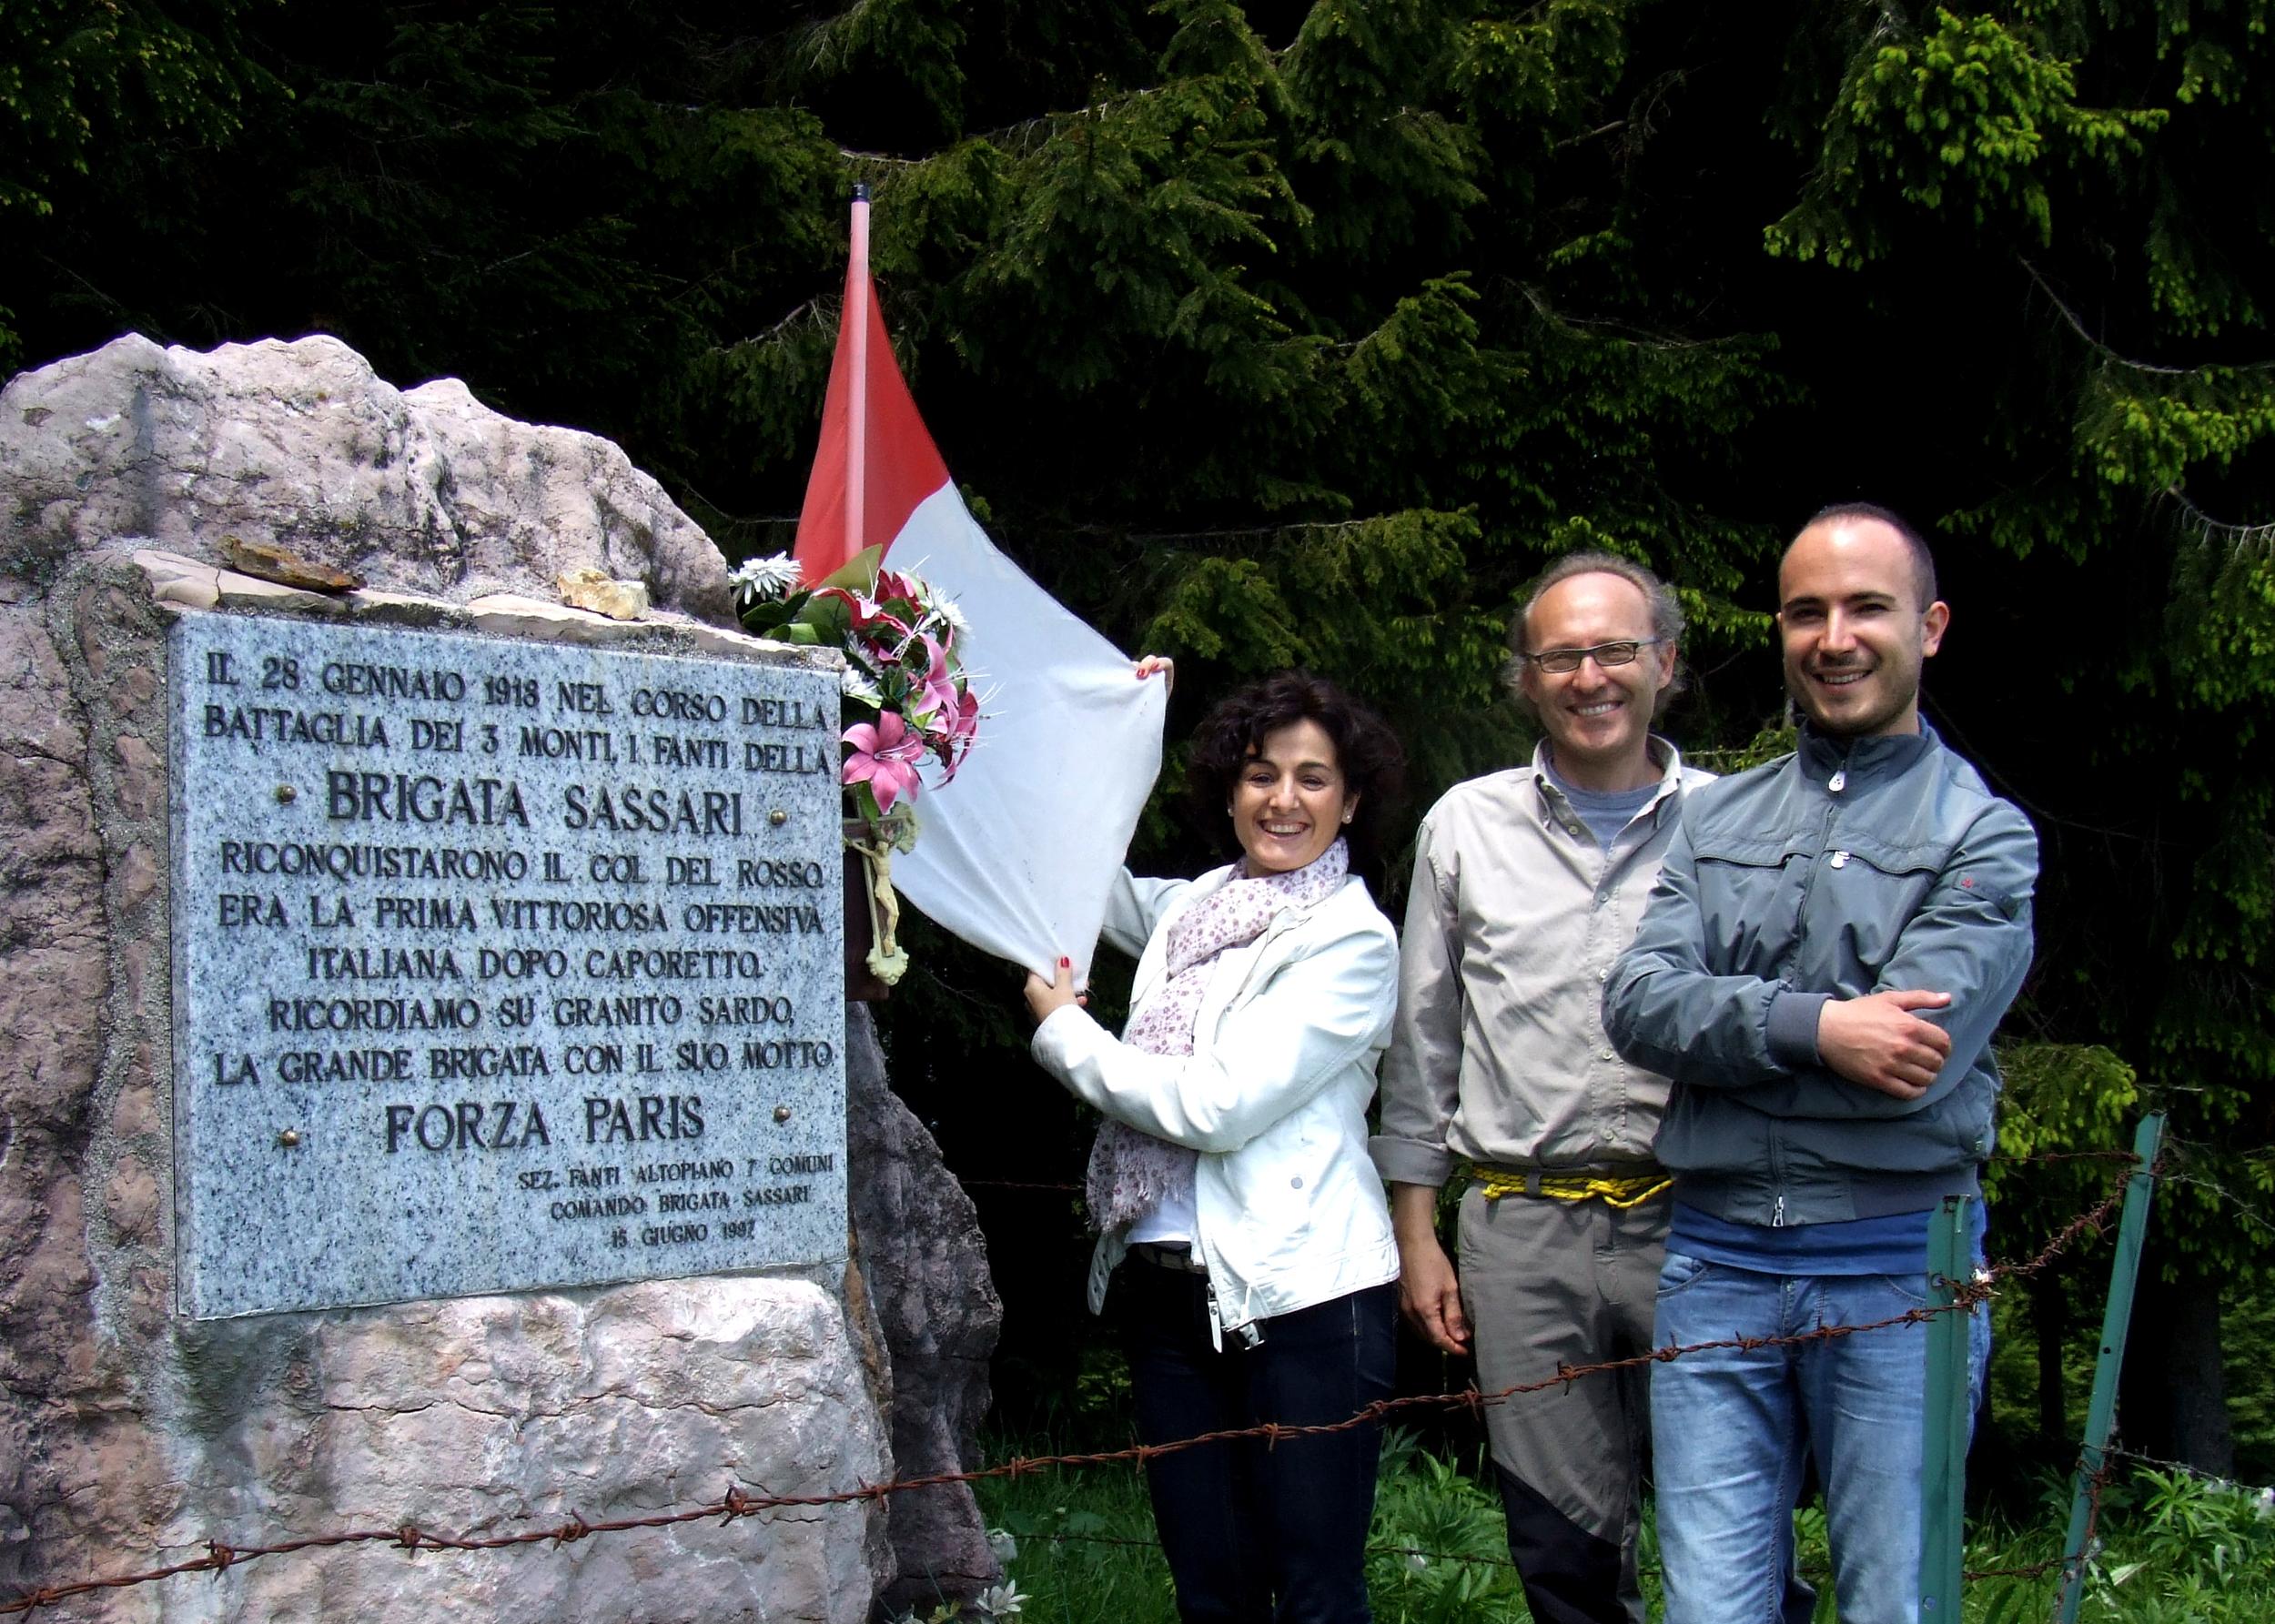 La storia e i suoi eroi scolpiti nella pietra     MONUMENTI ED EPIGRAFI